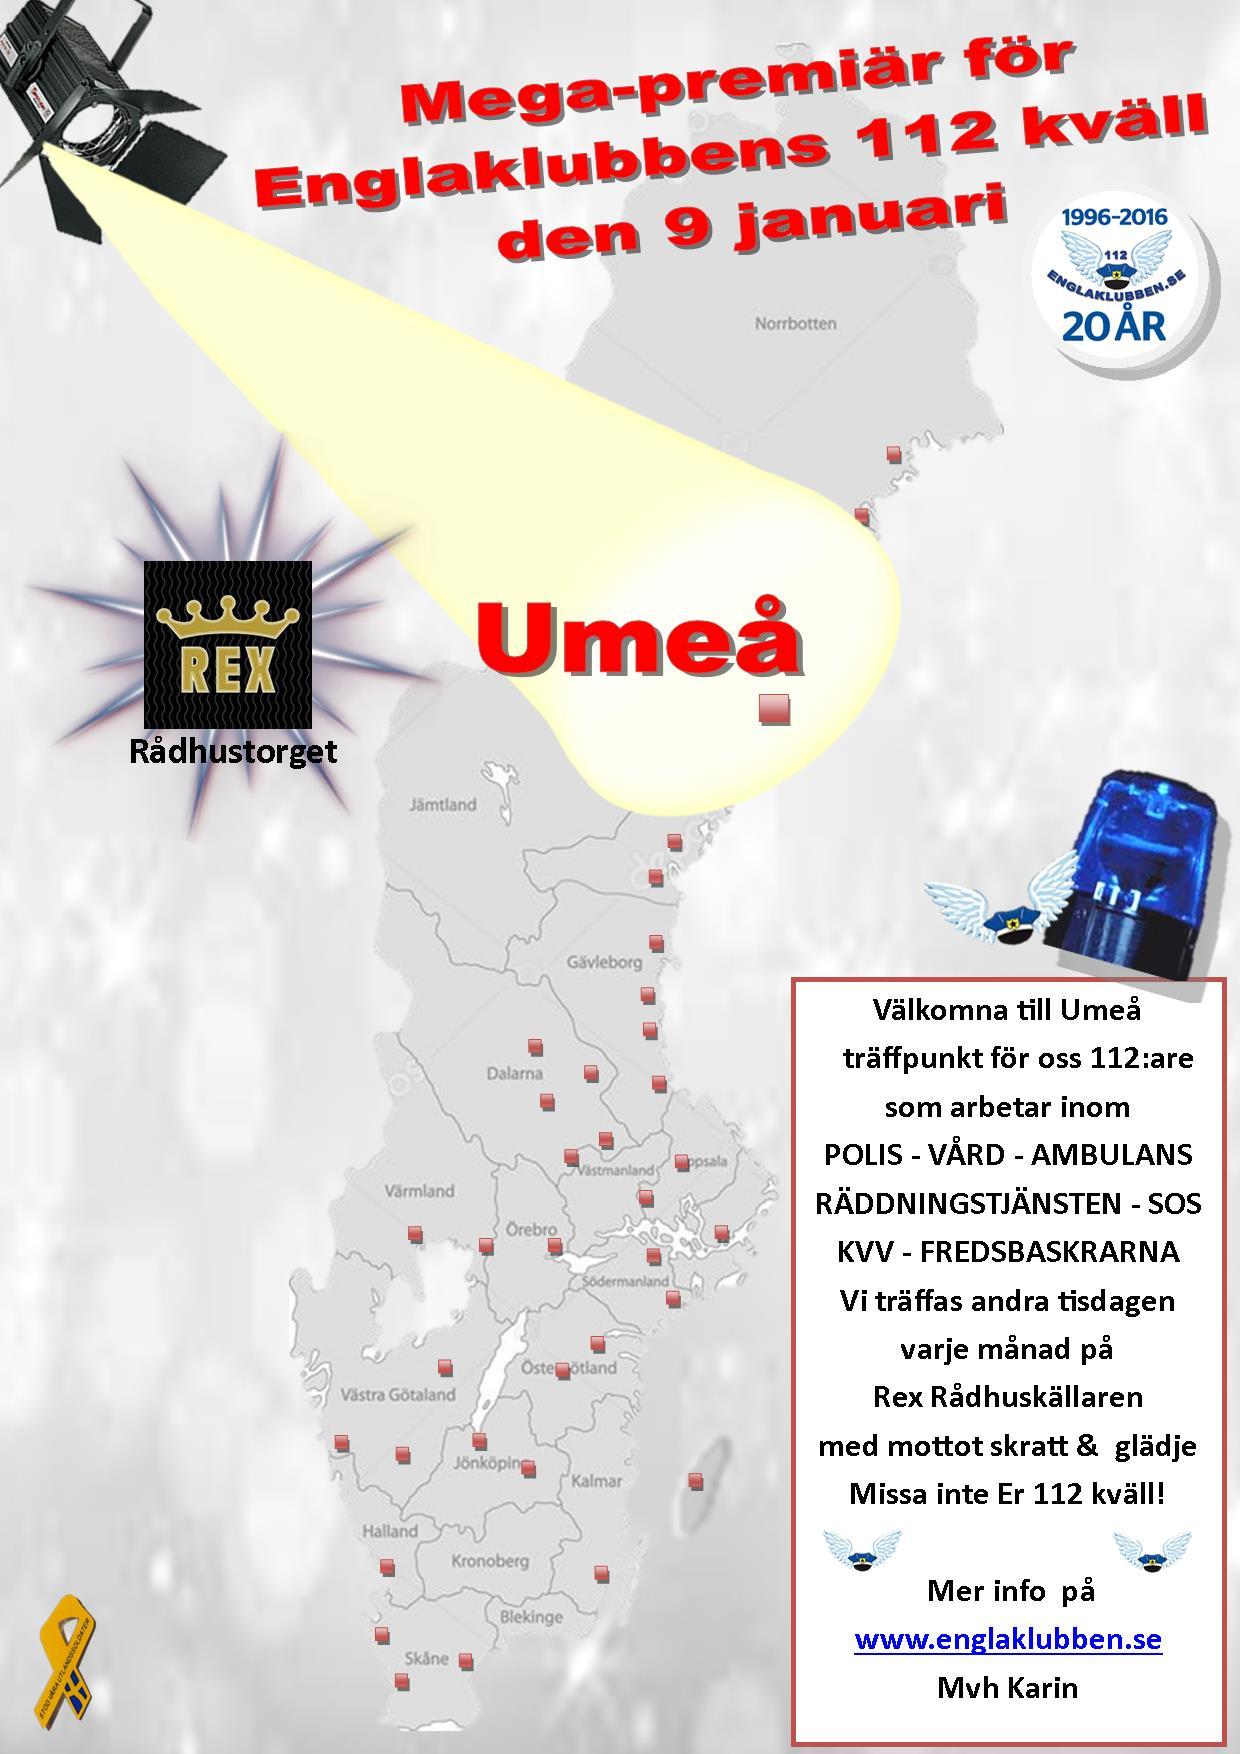 Umeå Englaklubbens 112 kväll inbjudan